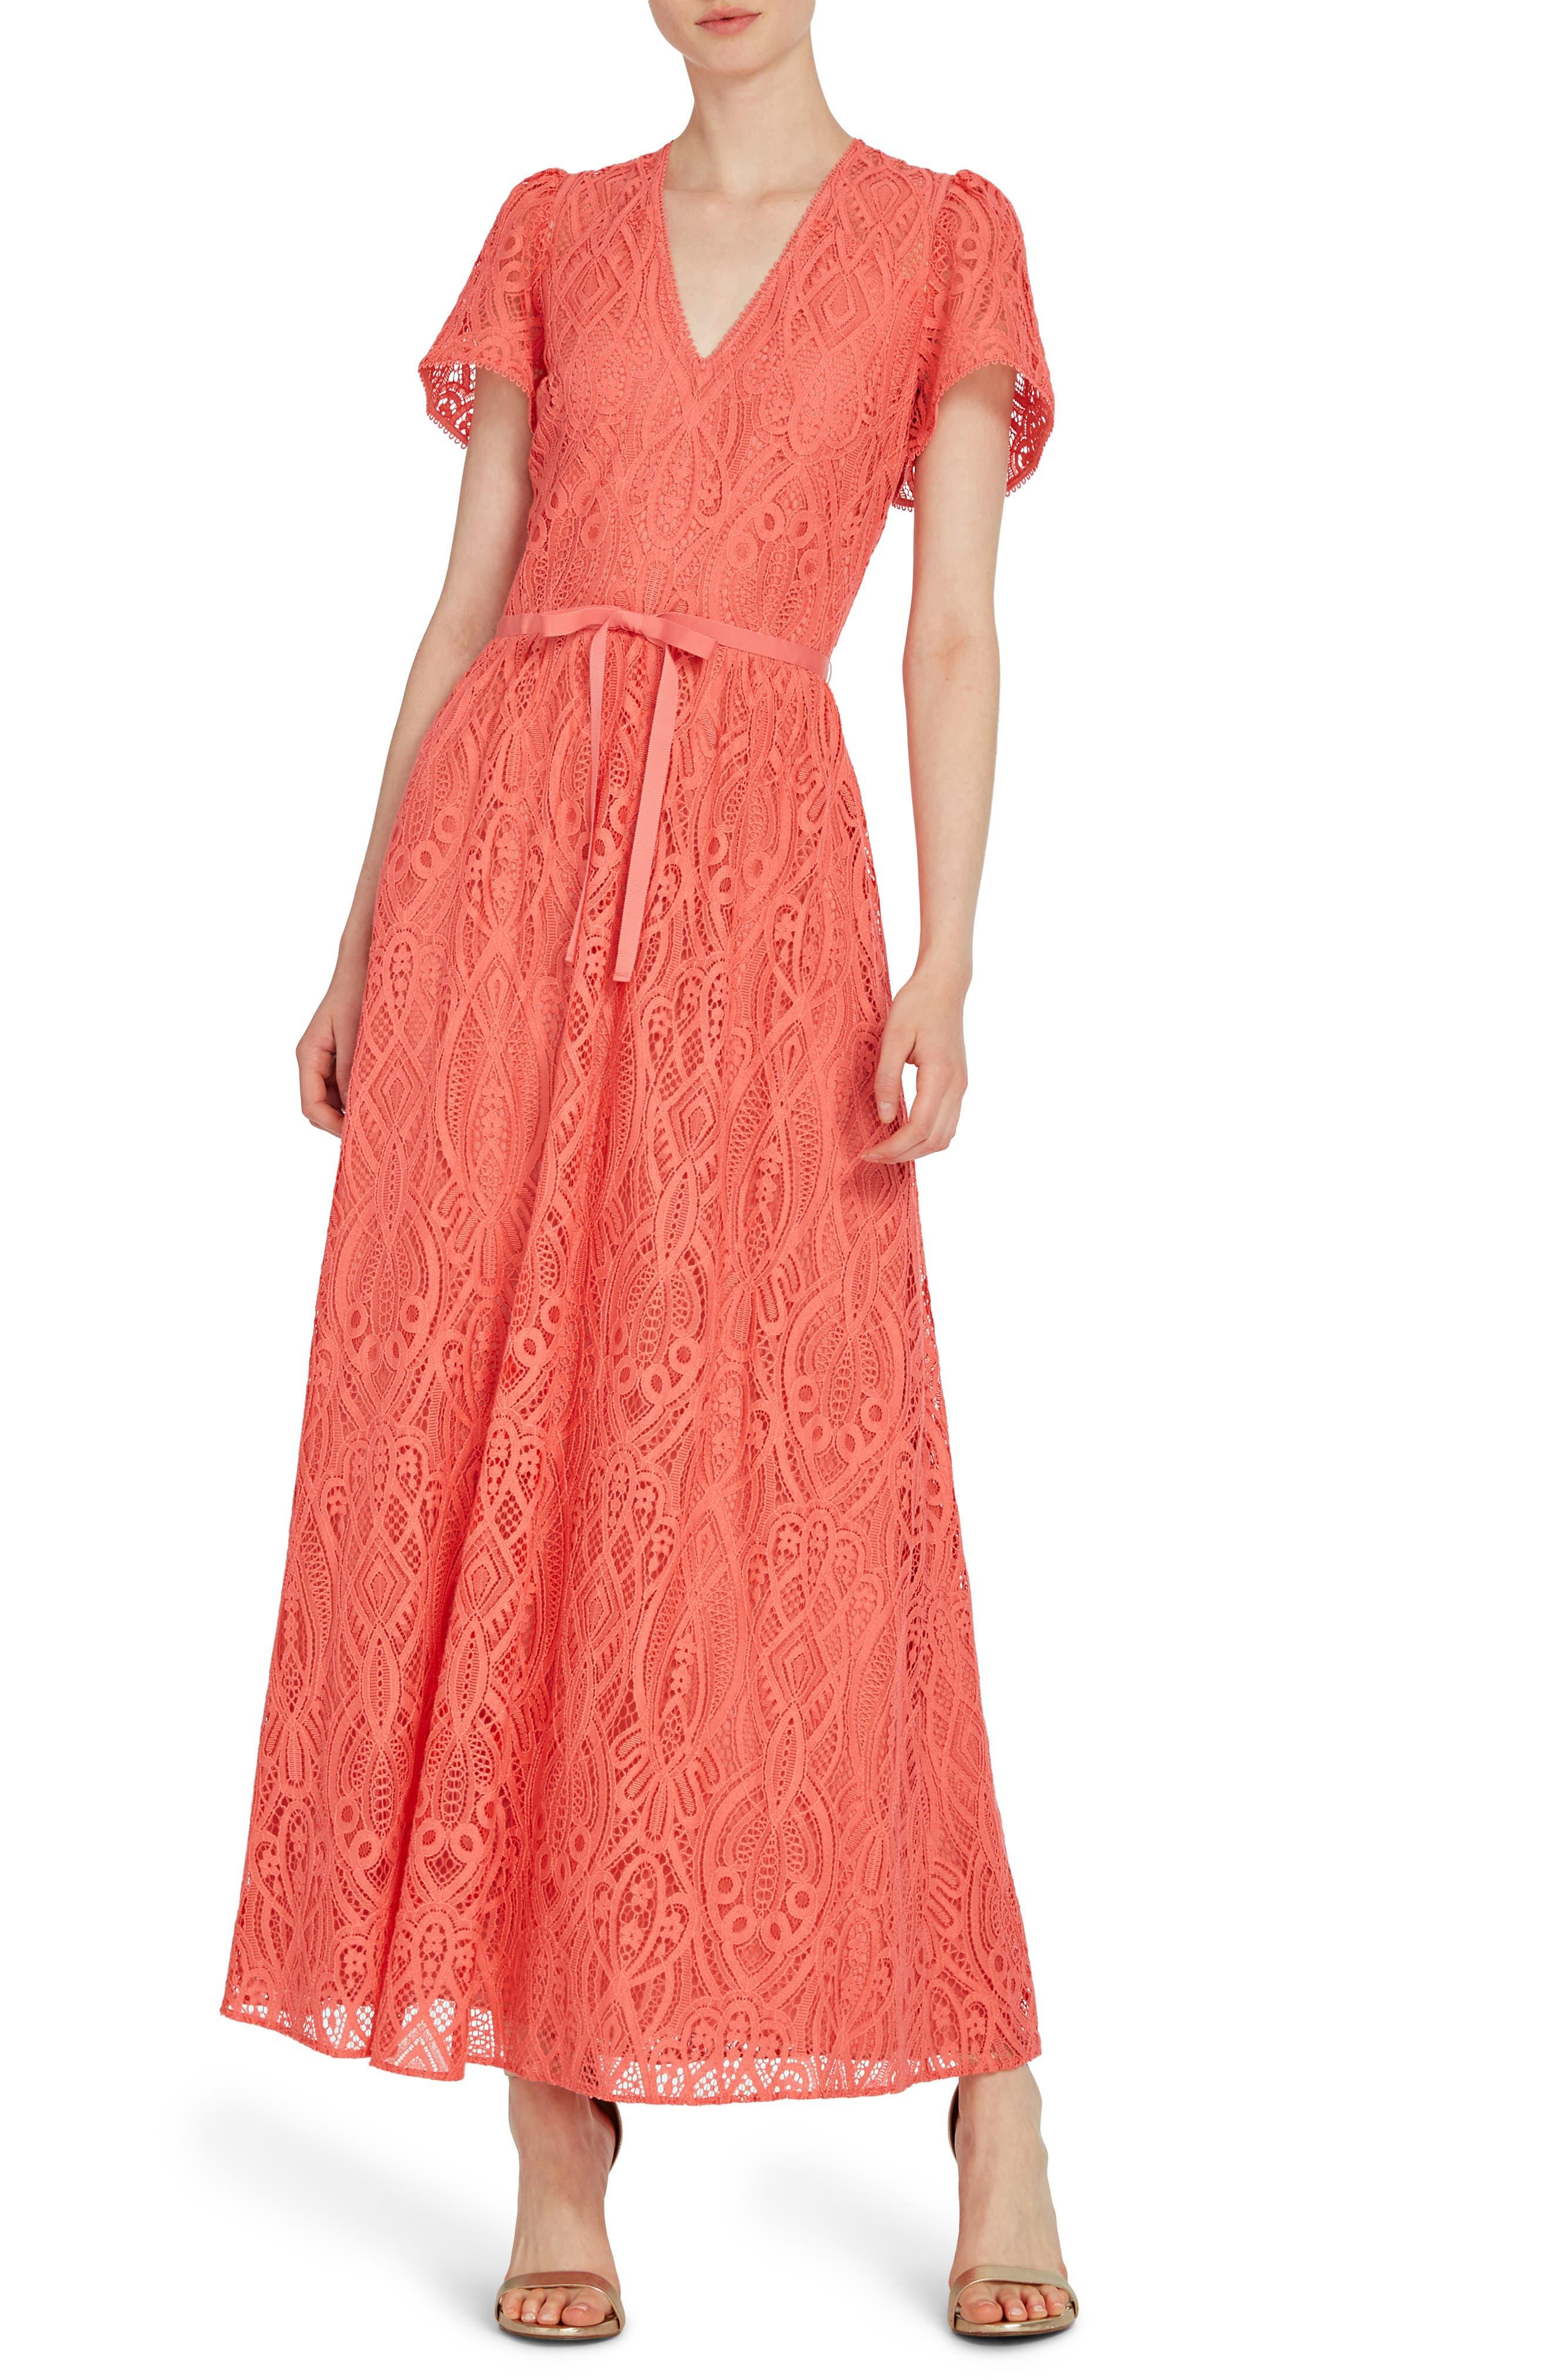 1930s Dresses | 30s Art Deco Dress Womens Ml Monique Lhuillier V-Neck Lace Maxi Dress $495.00 AT vintagedancer.com